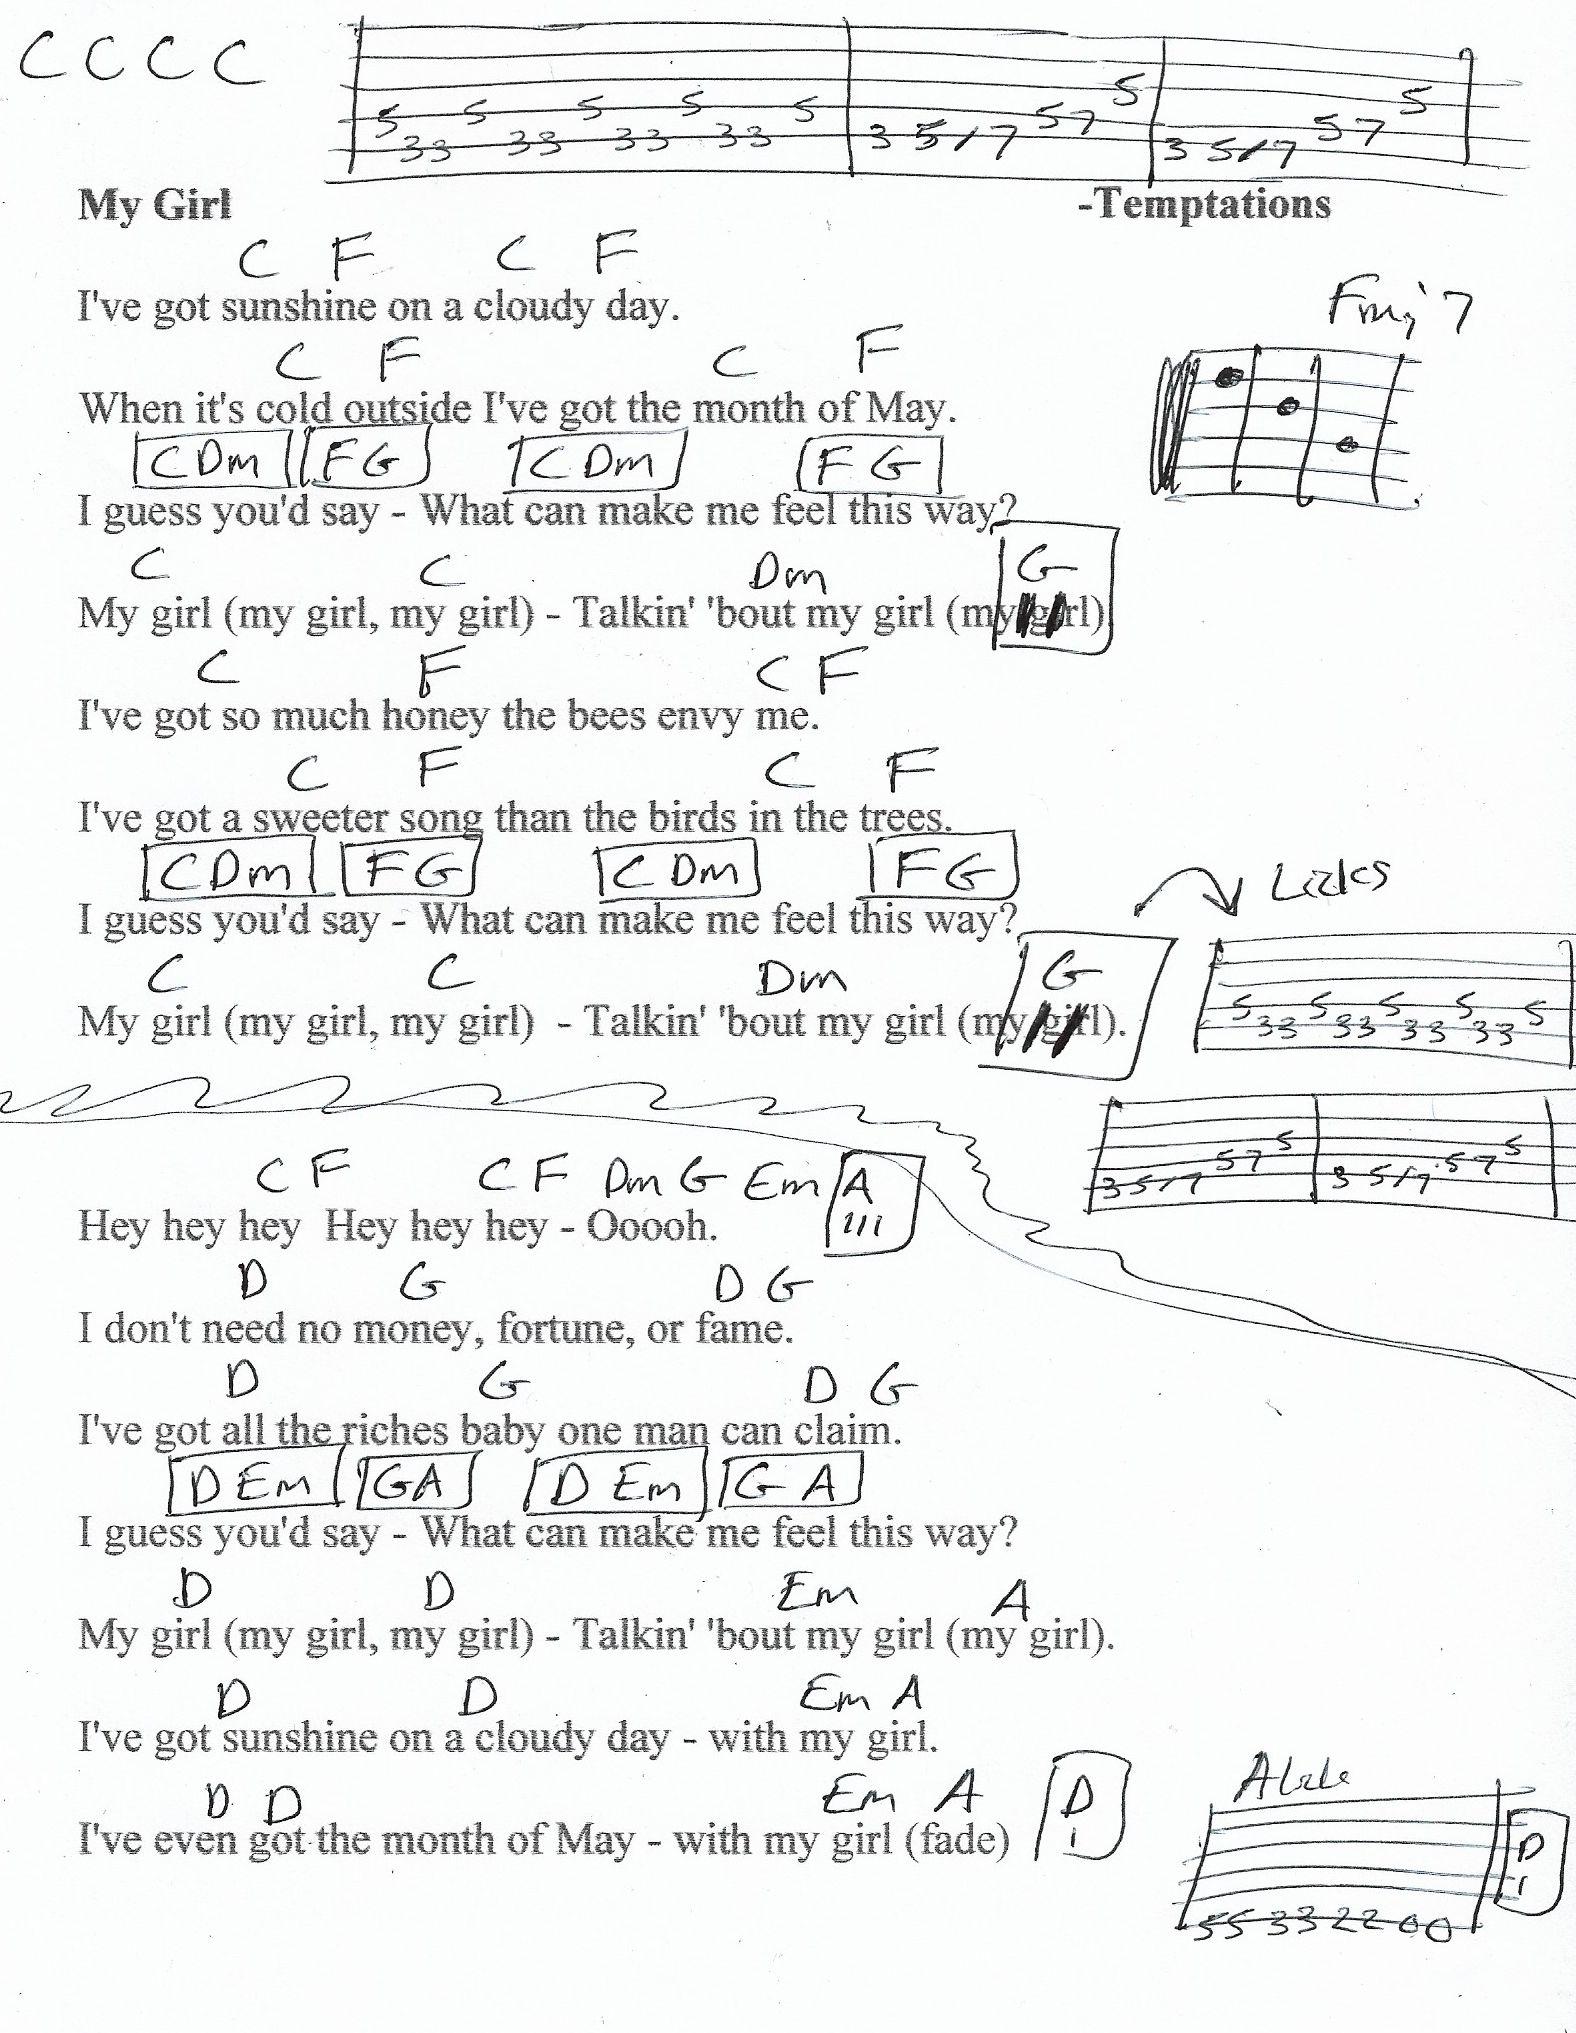 My Girl Temptations Guitar Chord Chart Ukulele Chords Songs Lyrics And Chords Ukulele Songs